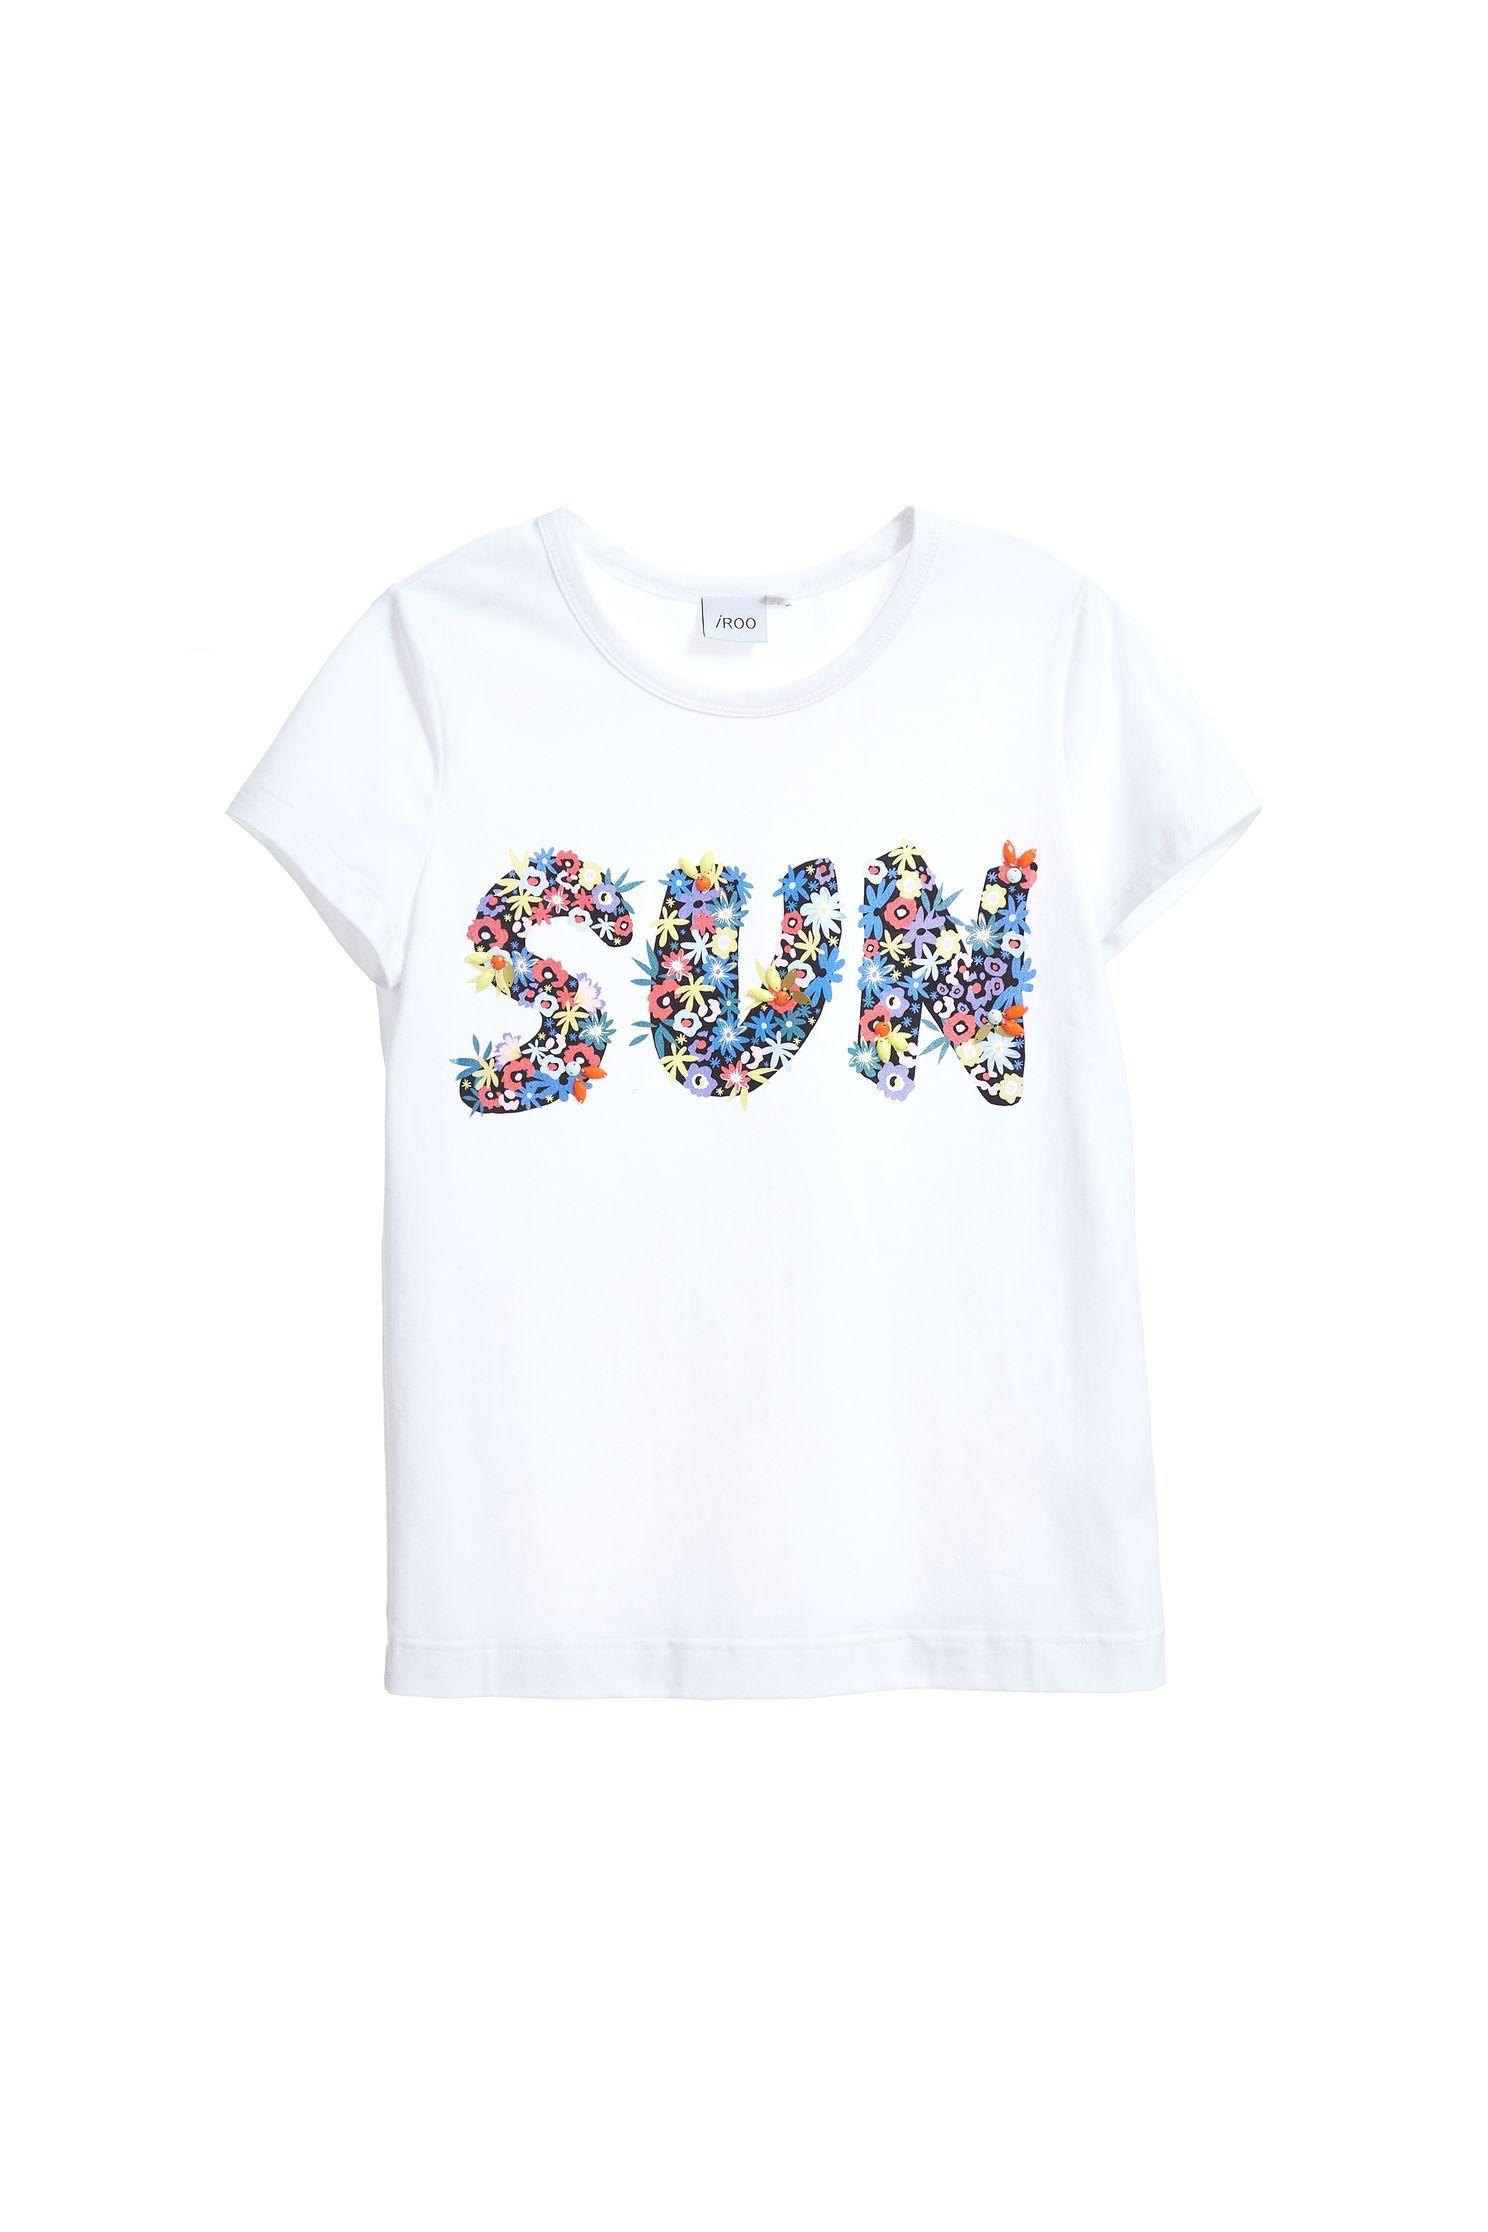 Flower word popular cotton T-shirt